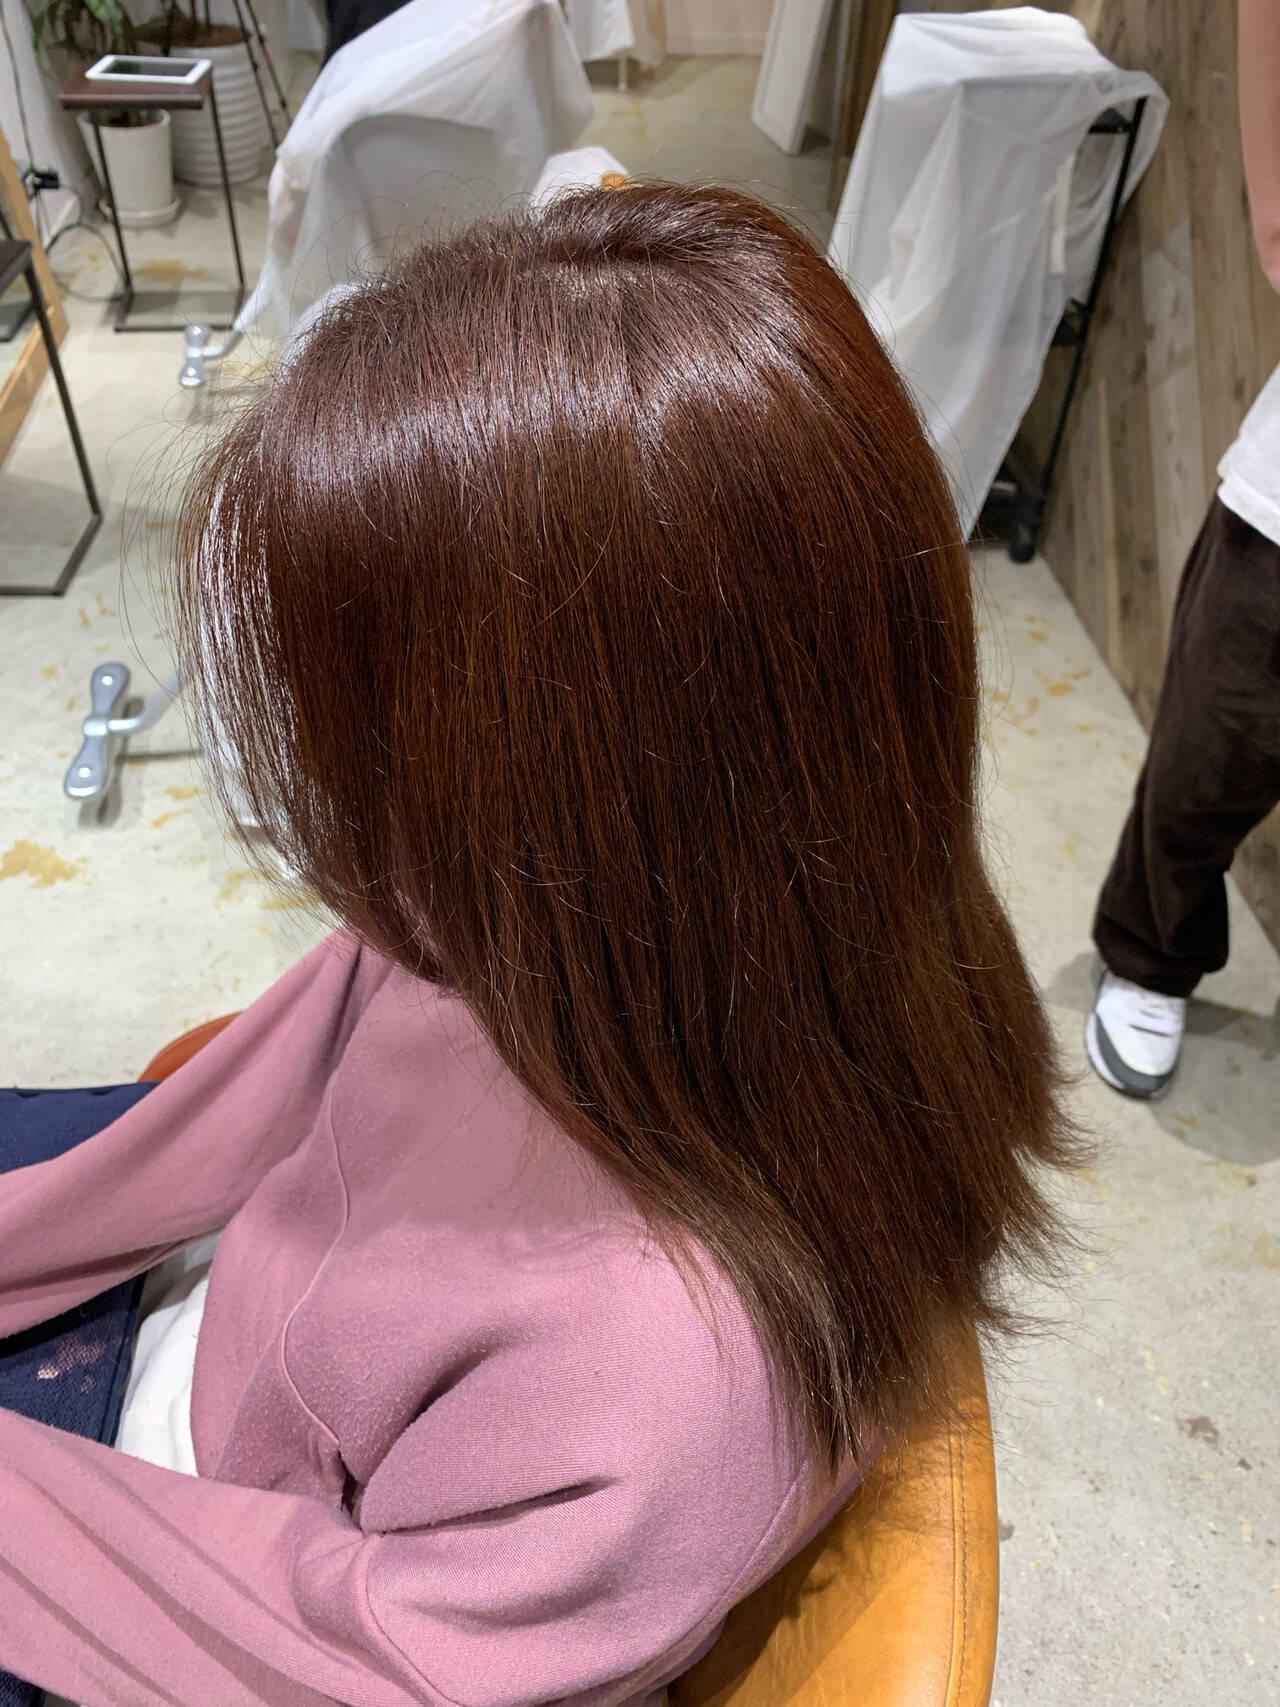 レッド モード グラデーションカラー ヘアカラーヘアスタイルや髪型の写真・画像